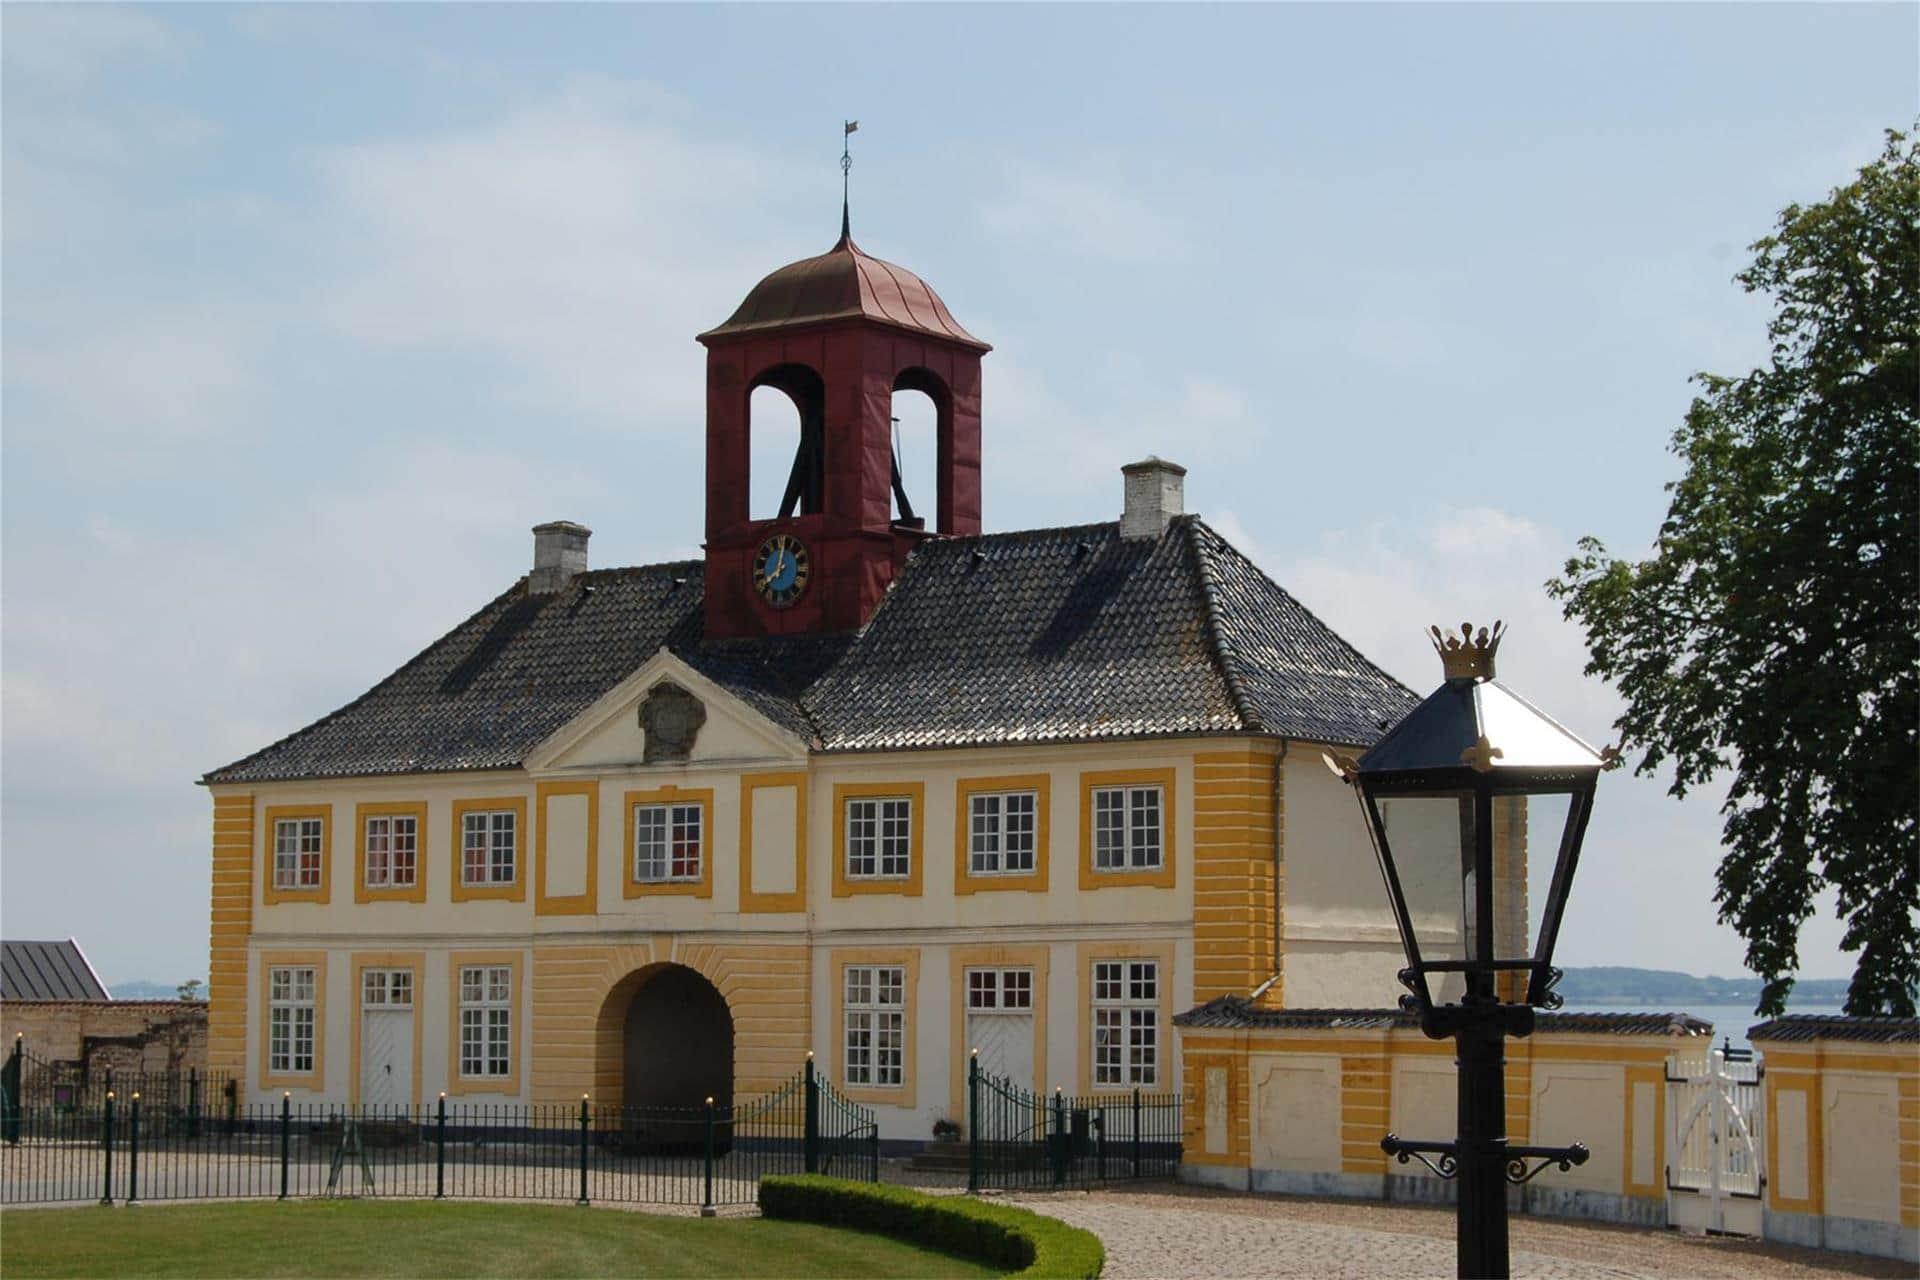 Billede 1-3 Sommerhus M68010, Slotsalleen 100, DK - 5700 Svendborg